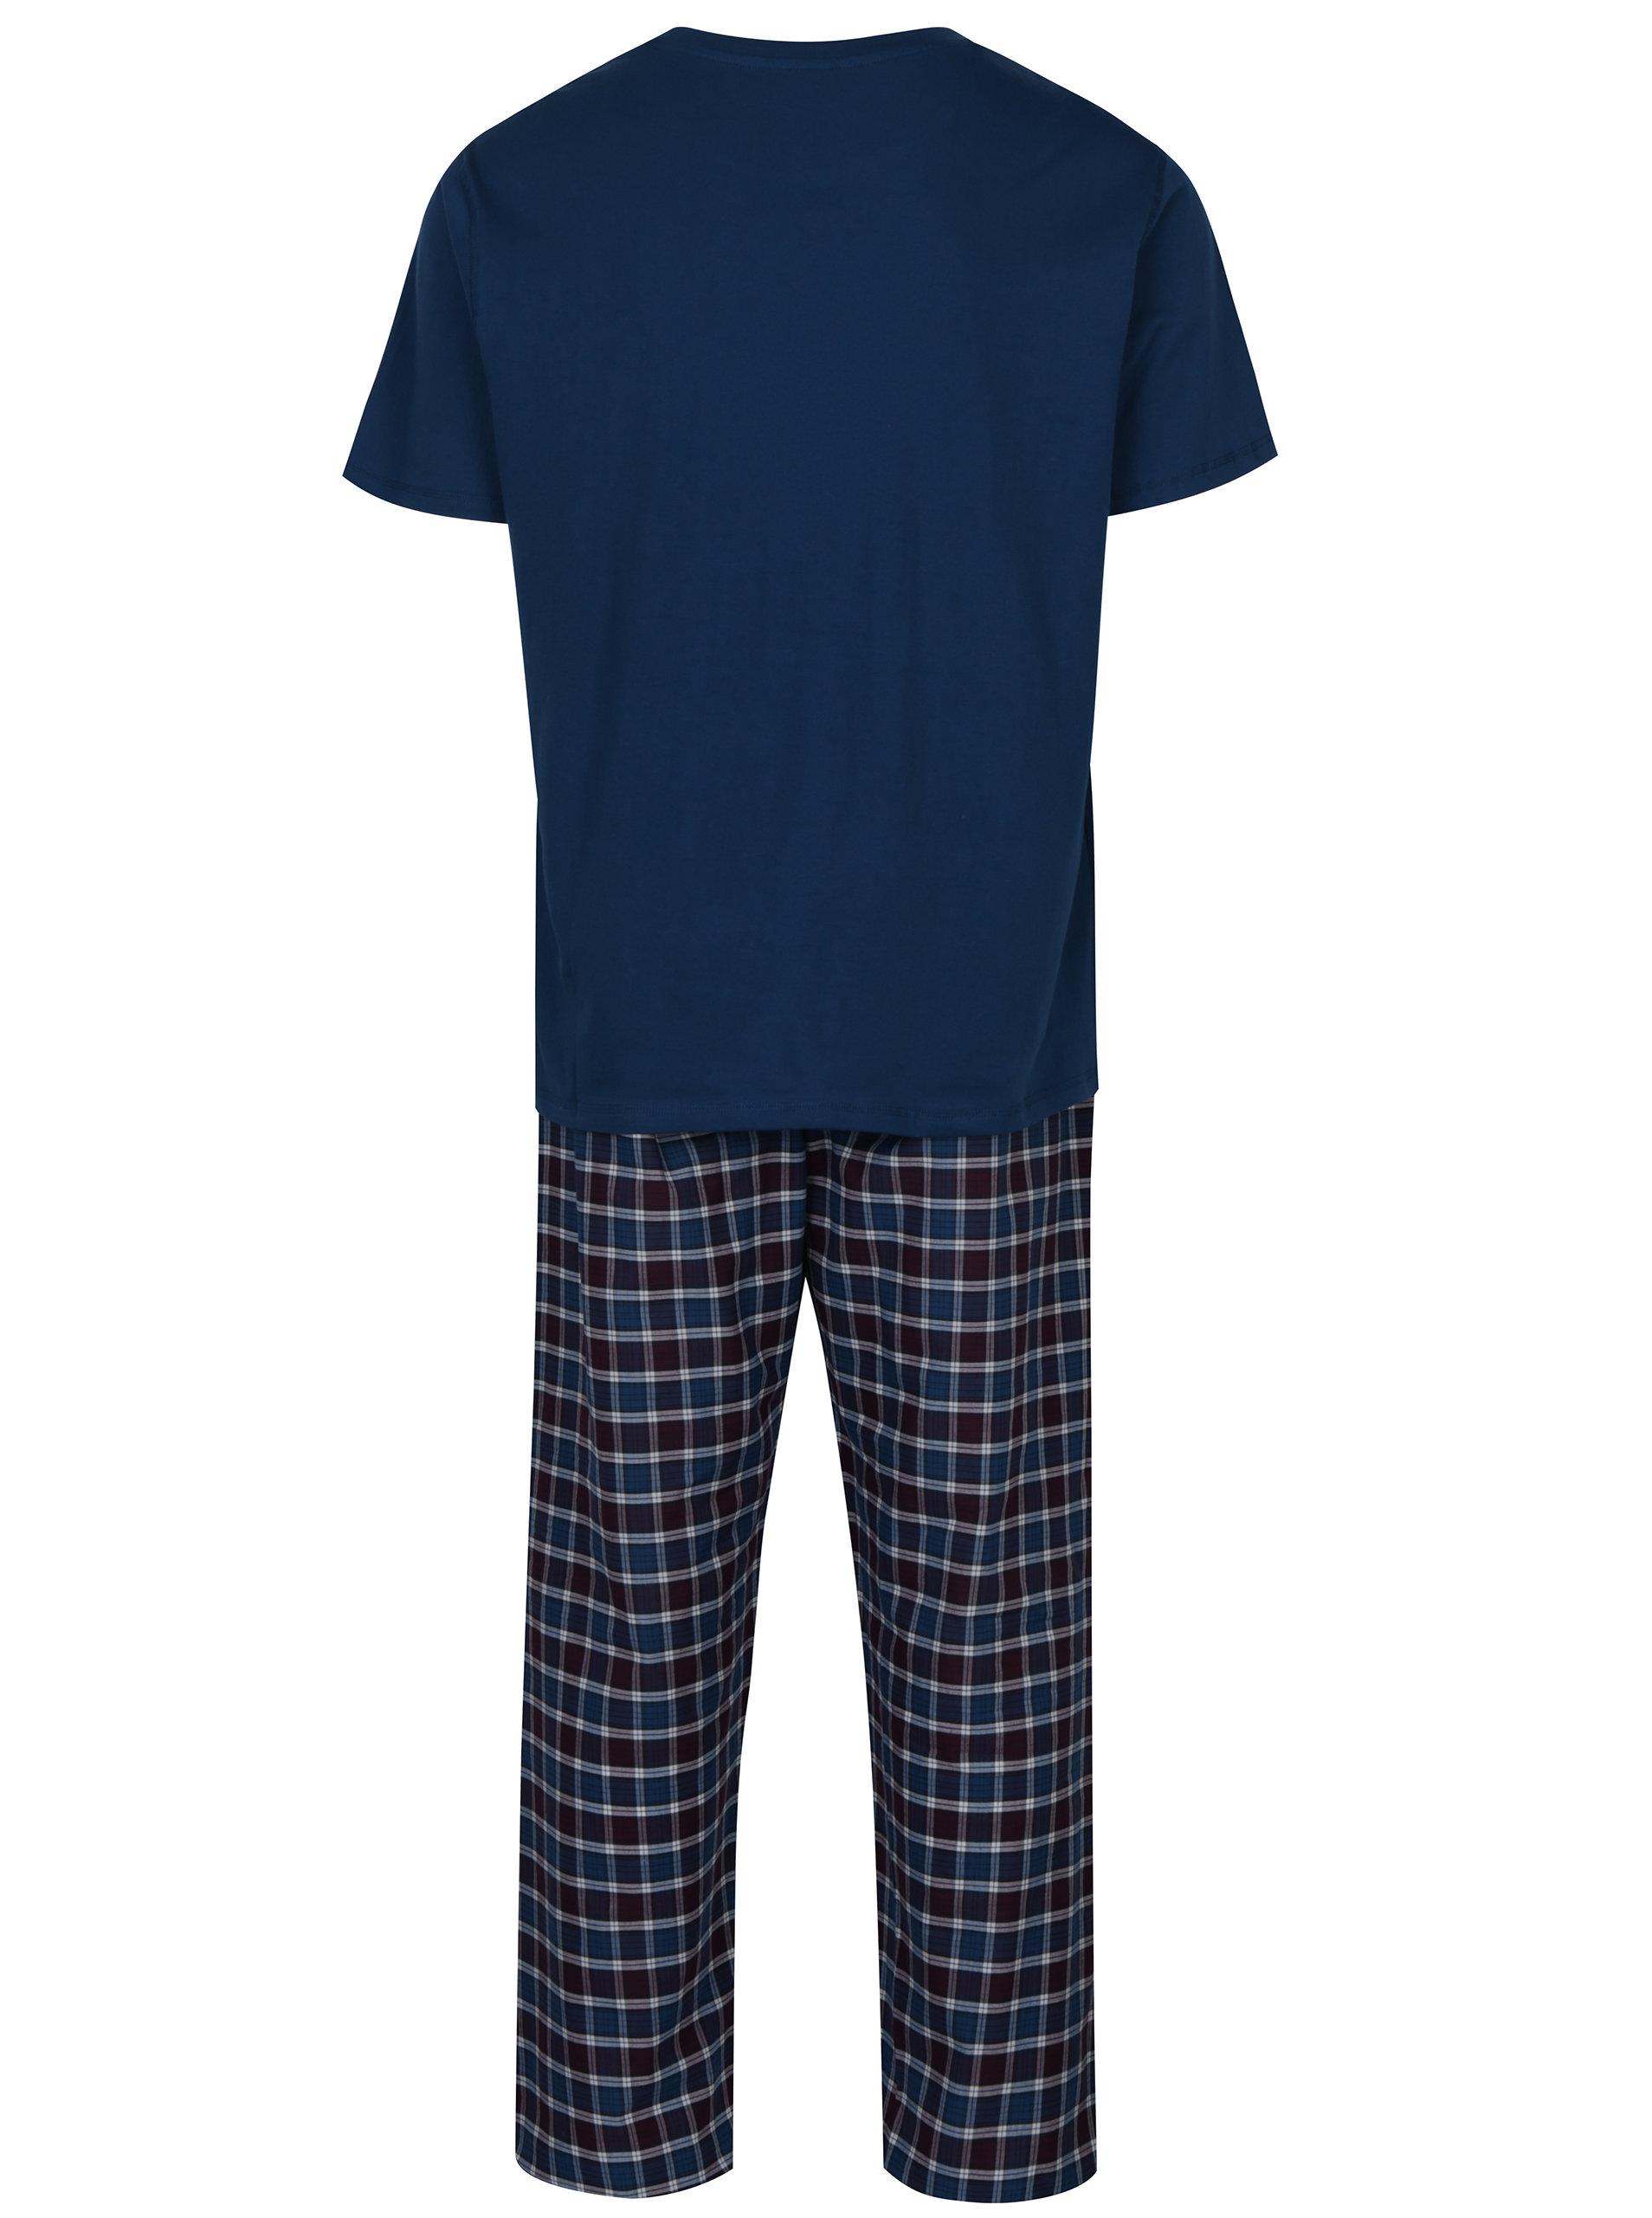 2896fcf6e8 Petrolejové pánské kostkované pyžamo s krátkým rukávem M Co ...